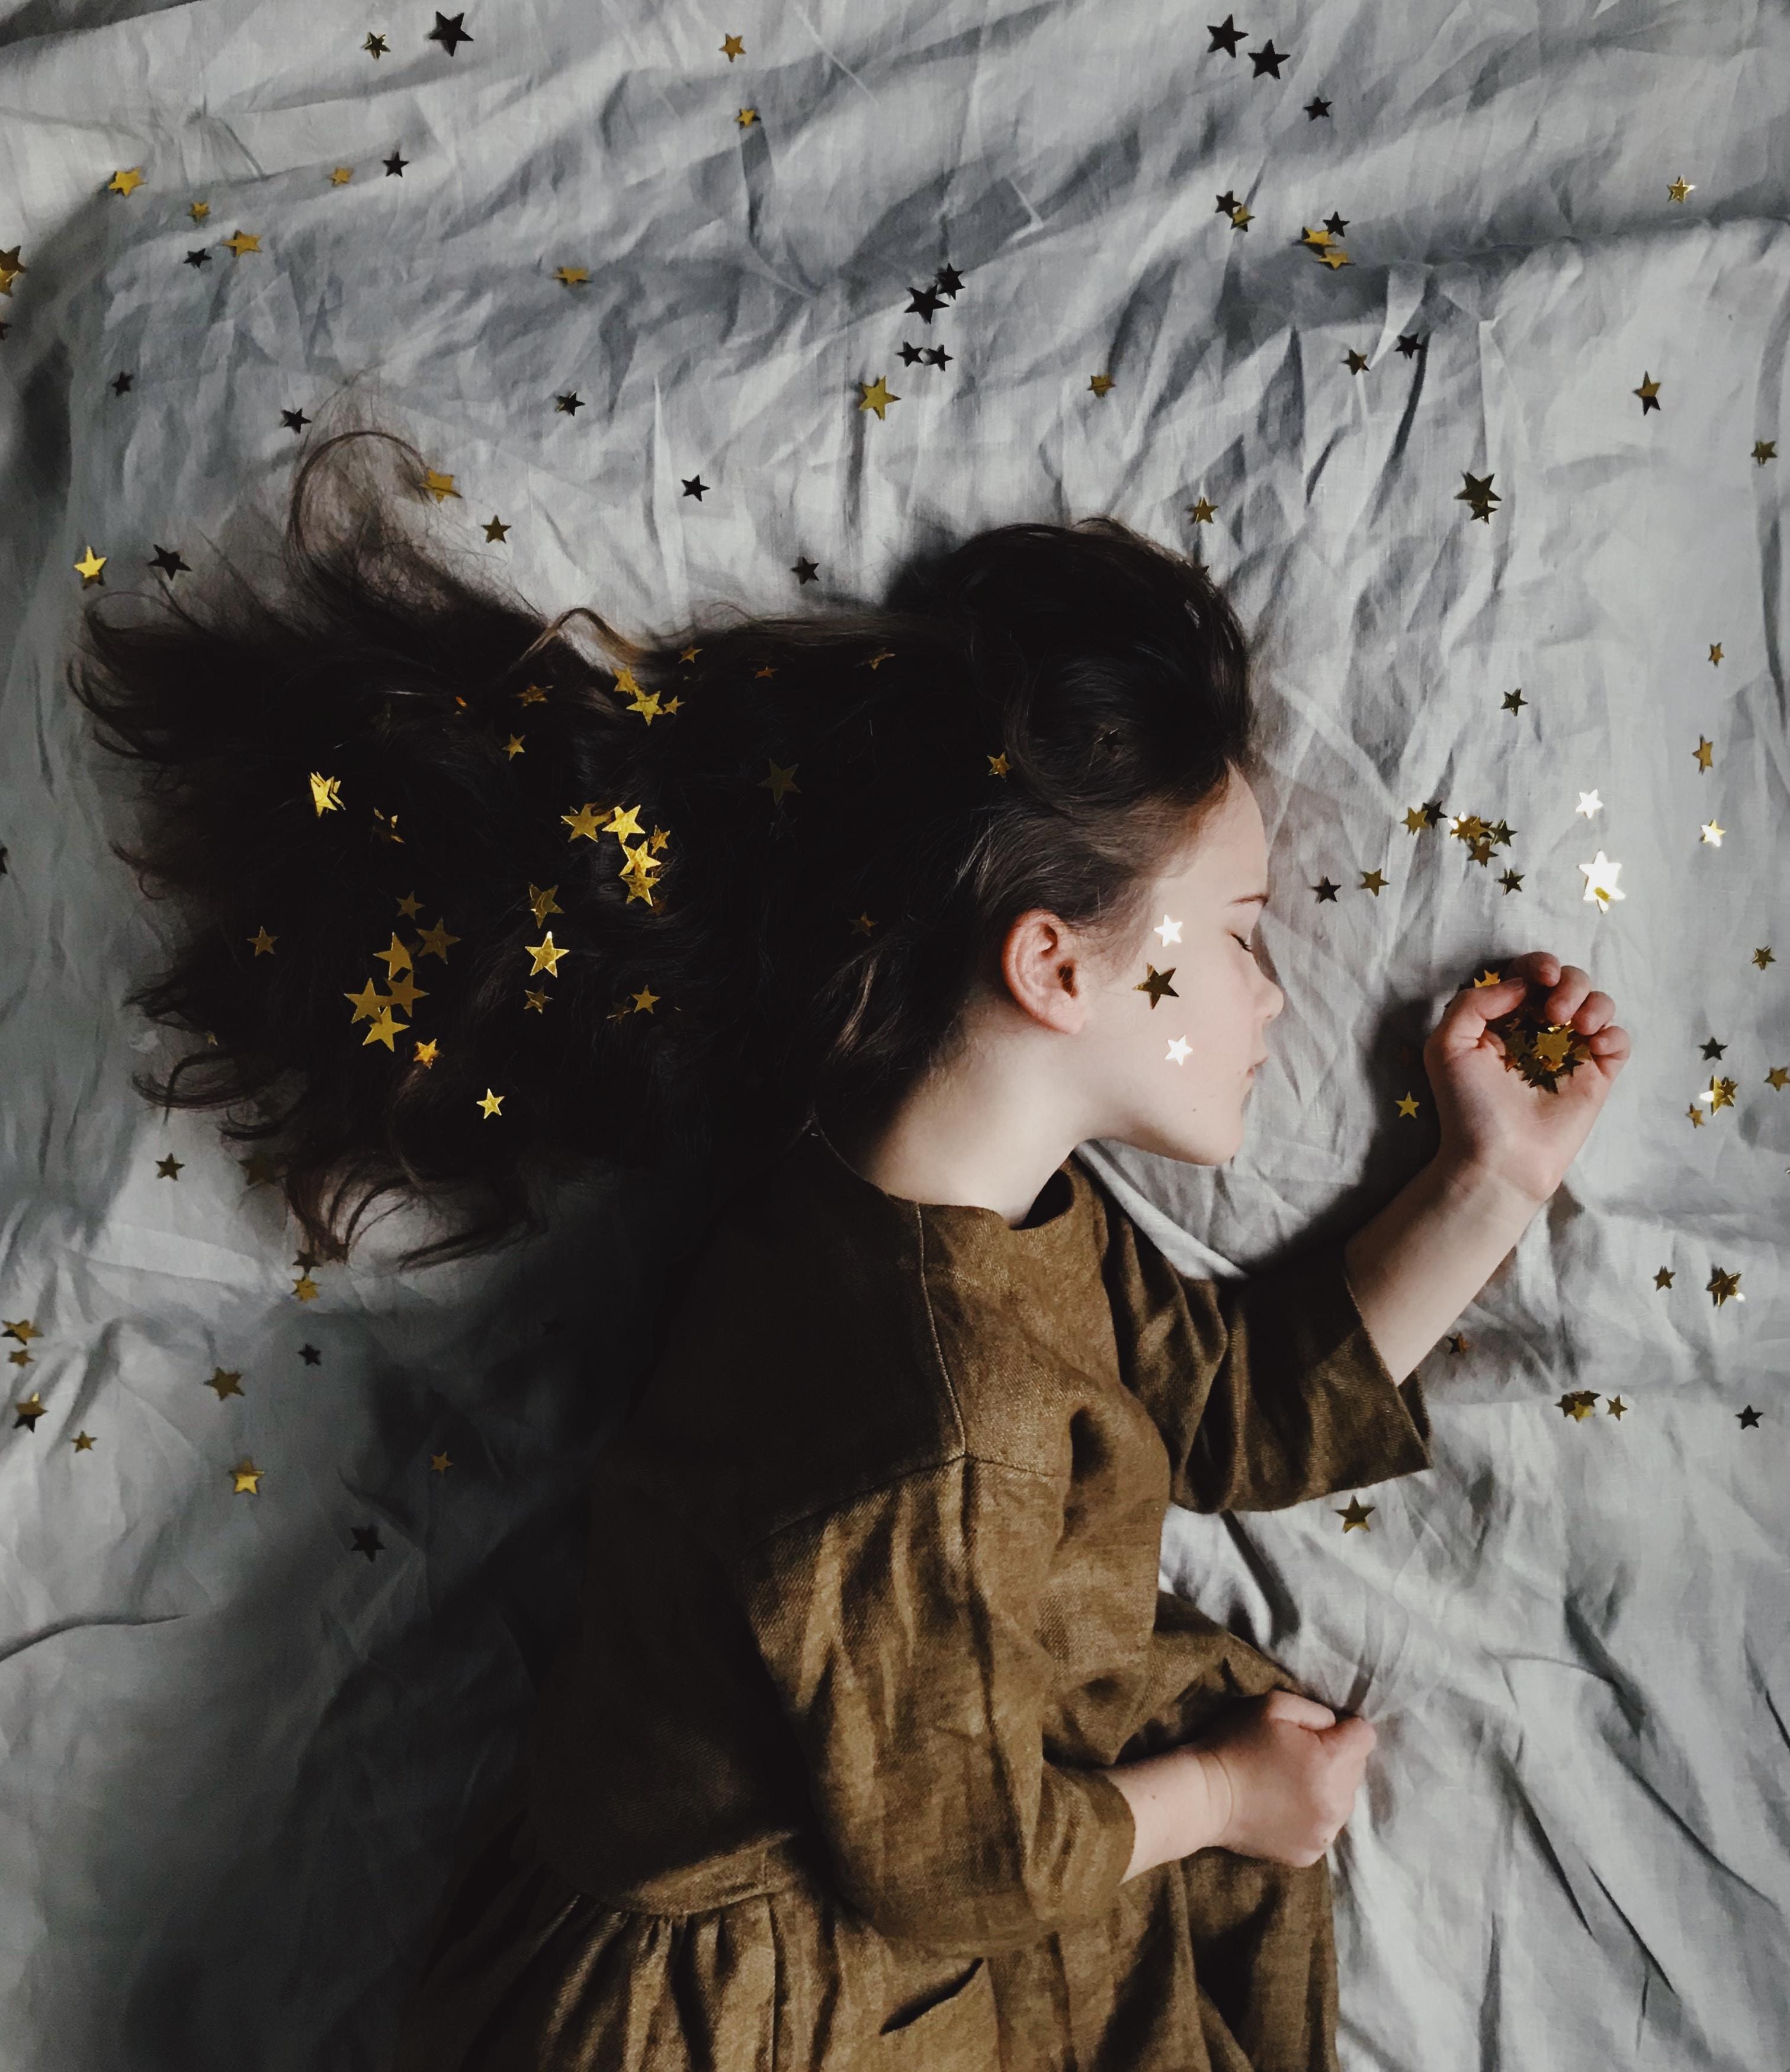 Zo gaat je (klein)kind wel graag slapen